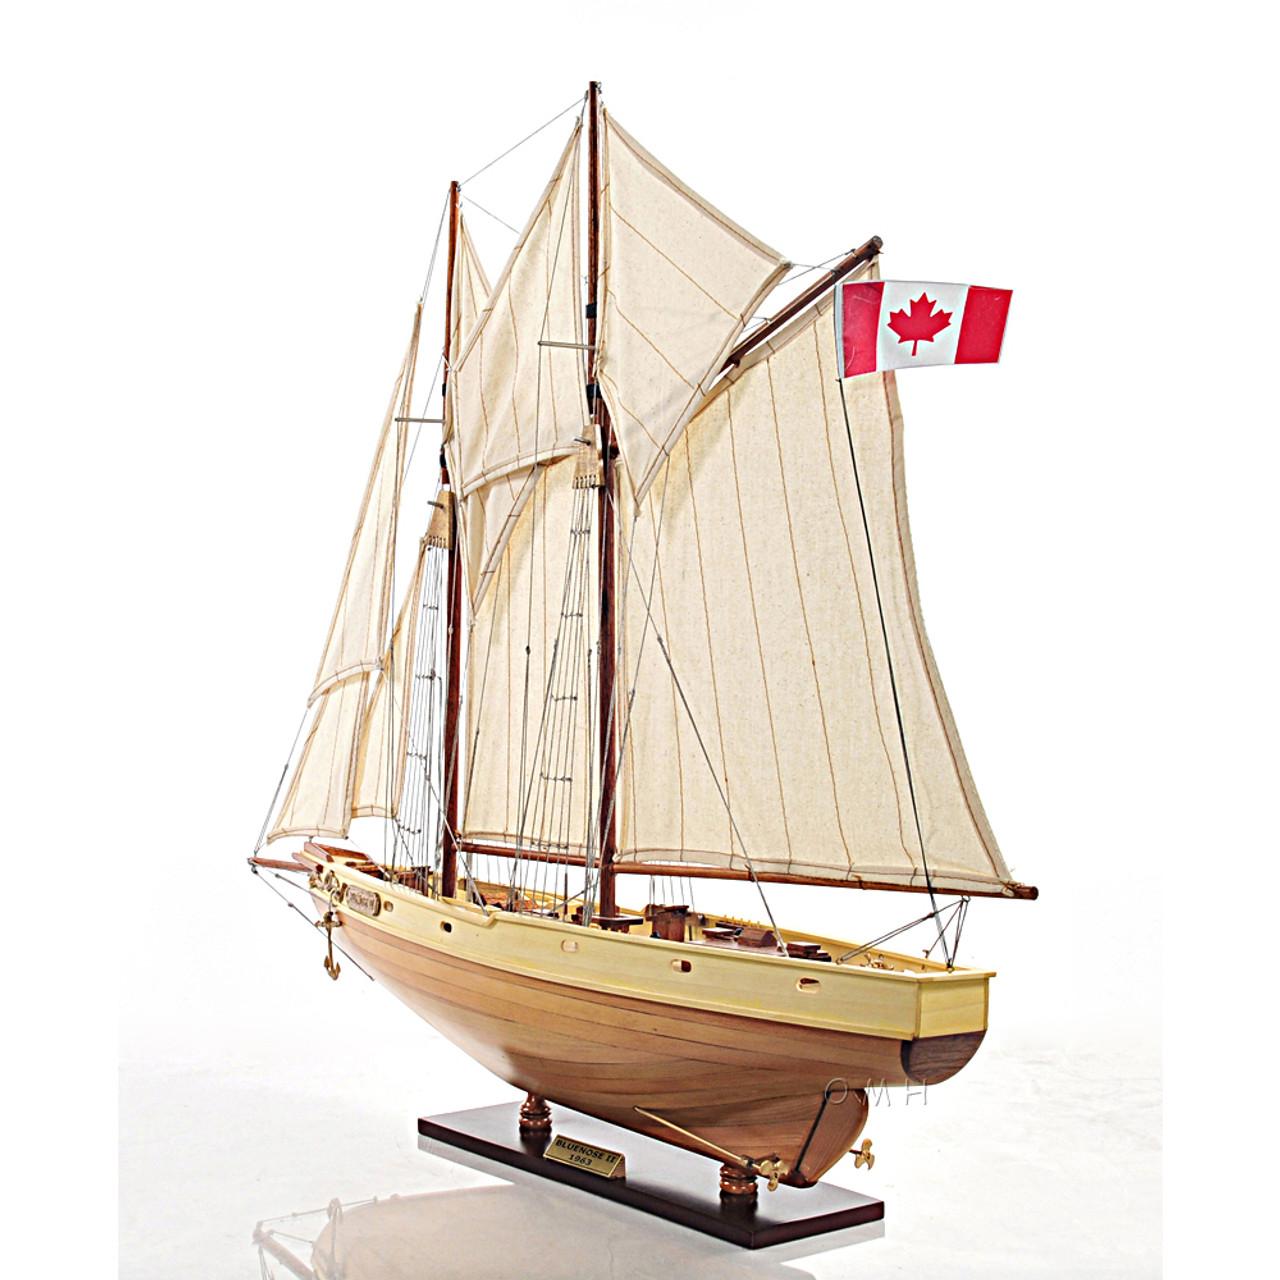 Schooner Bluenose Wooden Ship Model Fully Rigged